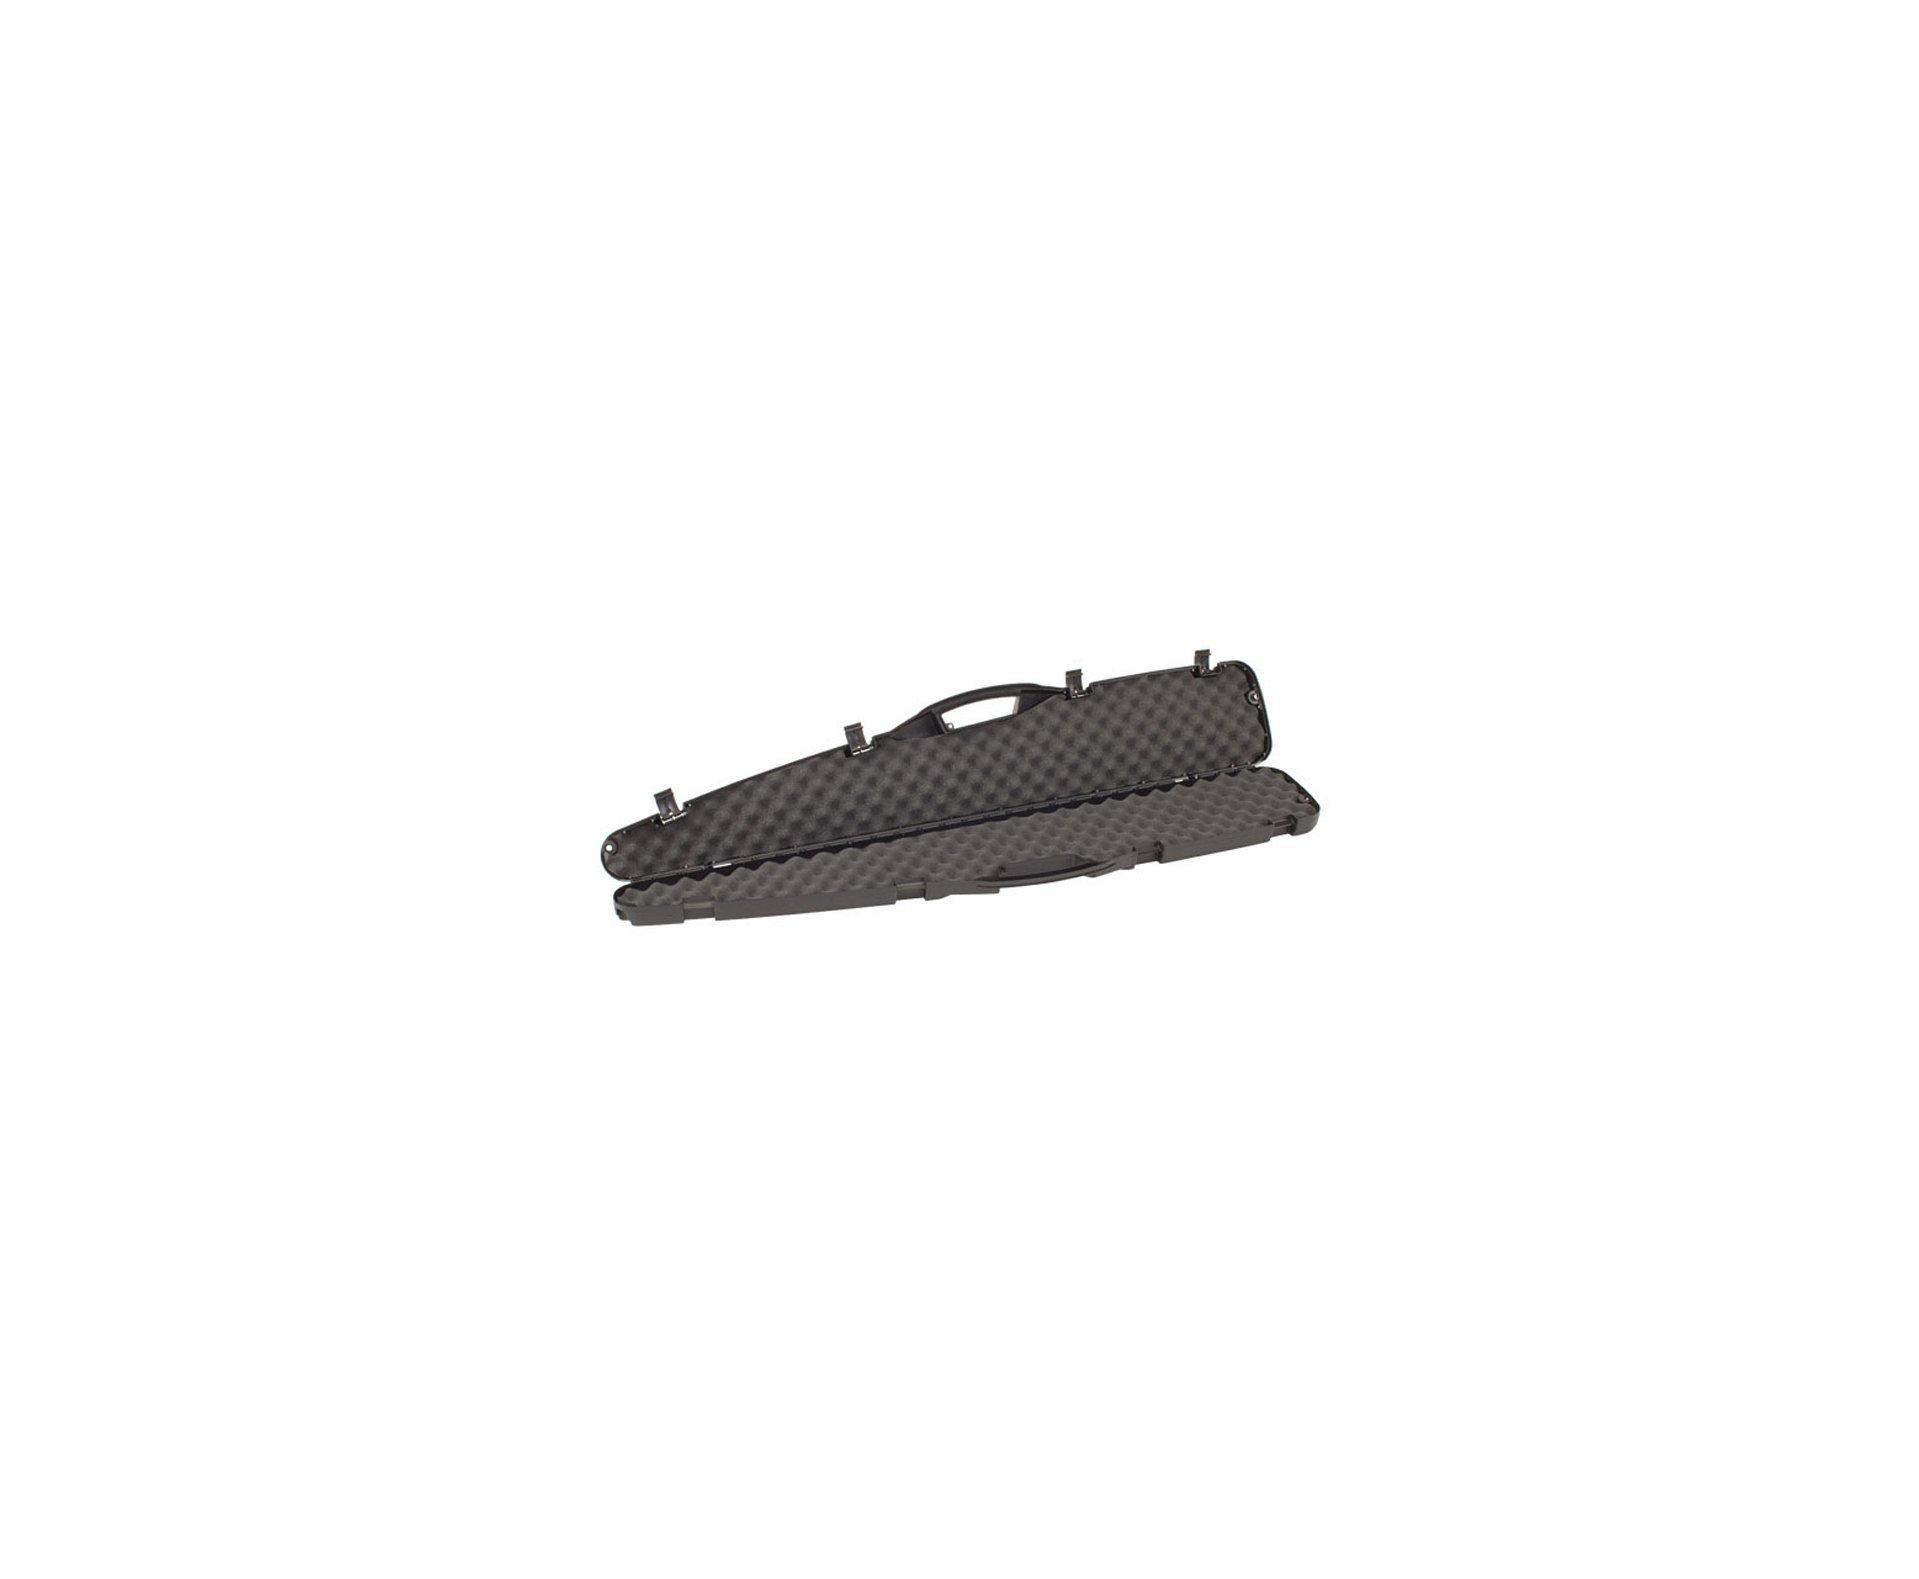 Caixa (case) Para Arma - 1501-00 - Plano